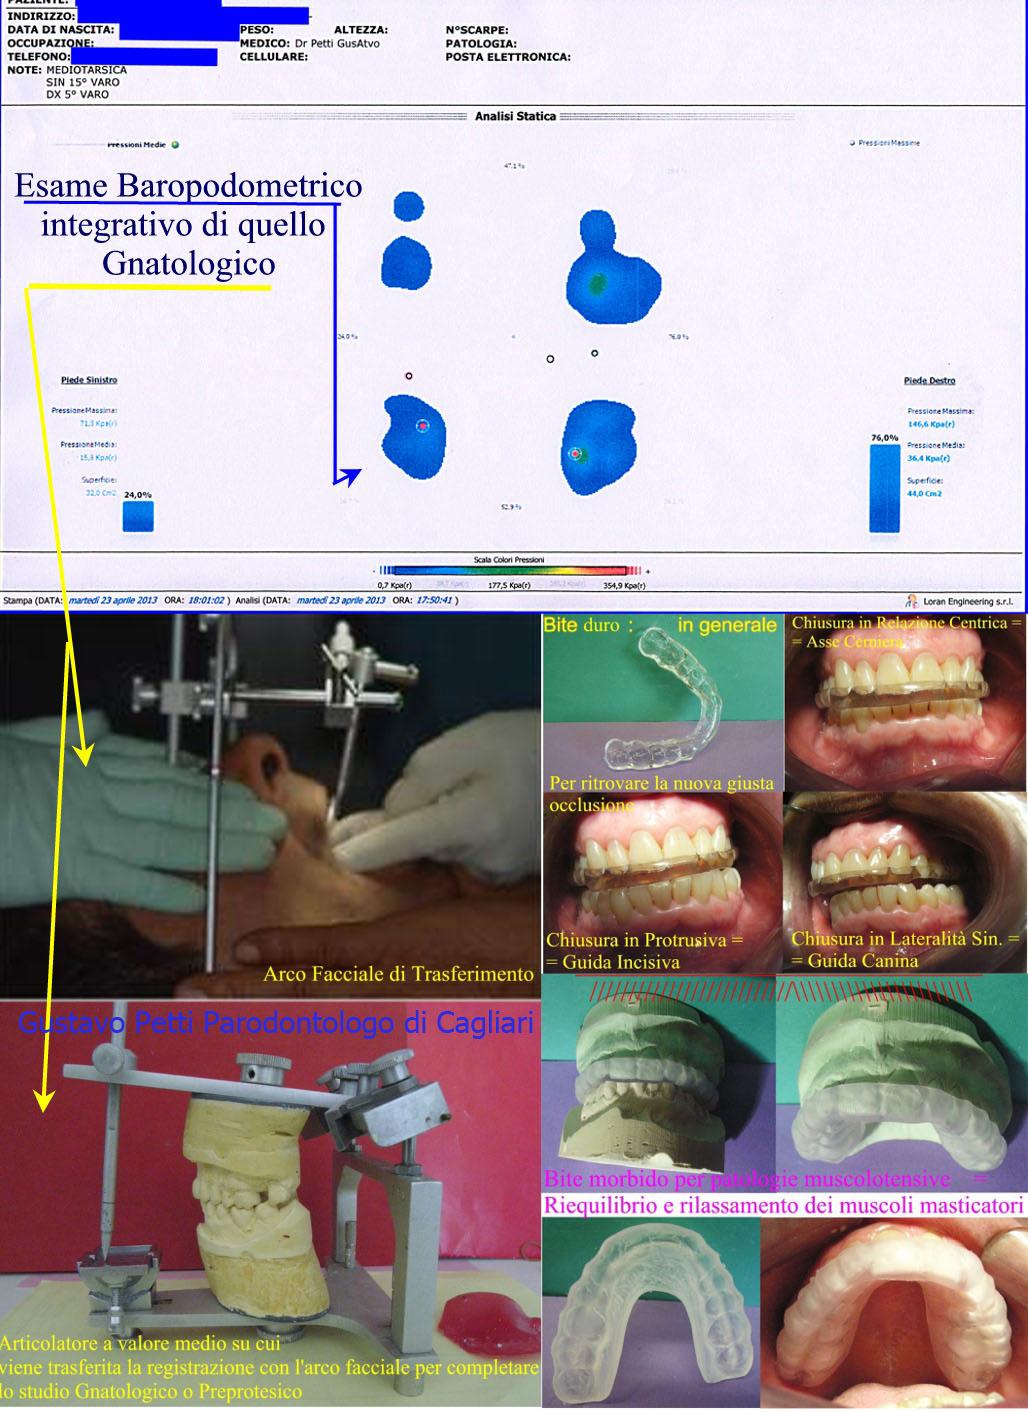 analisi-gnatologica-dr-g.petti-cagliari-1702.jpg